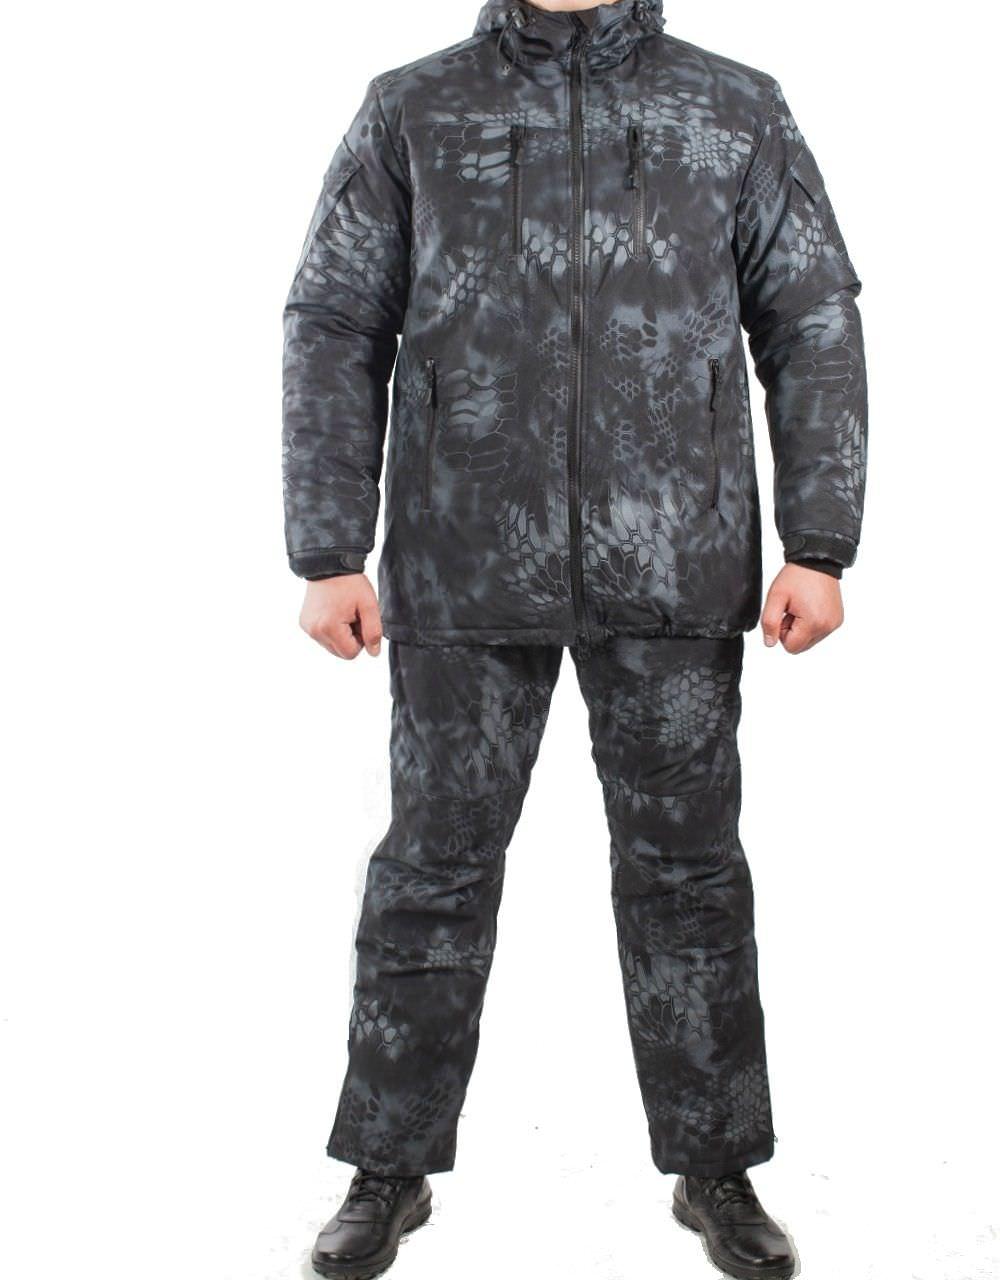 Костюм зимний МПА-38-01 (мембрана, питон ночь), Костюмы утепленные<br>Костюм состоит из брюк с плечевой разгрузочной <br>системой, а также куртки со съемным капюшоном <br>и утепляющей подкладкой. Разработан для <br>подразделений воооруженных сил, действующих <br>в условиях экстремального холода (до -50 <br>градусов Цельсия). ХАРАКТЕРИСТИКИ ЗАЩИТА <br>ОТ ХОЛОДА ДЛЯ ИНТЕНСИВНЫХ НАГРУЗОК ДЛЯ <br>АКТИВНОГО ОТДЫХА ТОЛЬКО РУЧНАЯ СТИРКА МАТЕРИАЛЫ <br>МЕМБРАНА УТЕПЛИТЕЛЬ ФАЙБЕРСОФТ<br><br>Пол: мужской<br>Размер: 62<br>Рост: 176<br>Сезон: зима<br>Цвет: черный<br>Материал: мембрана